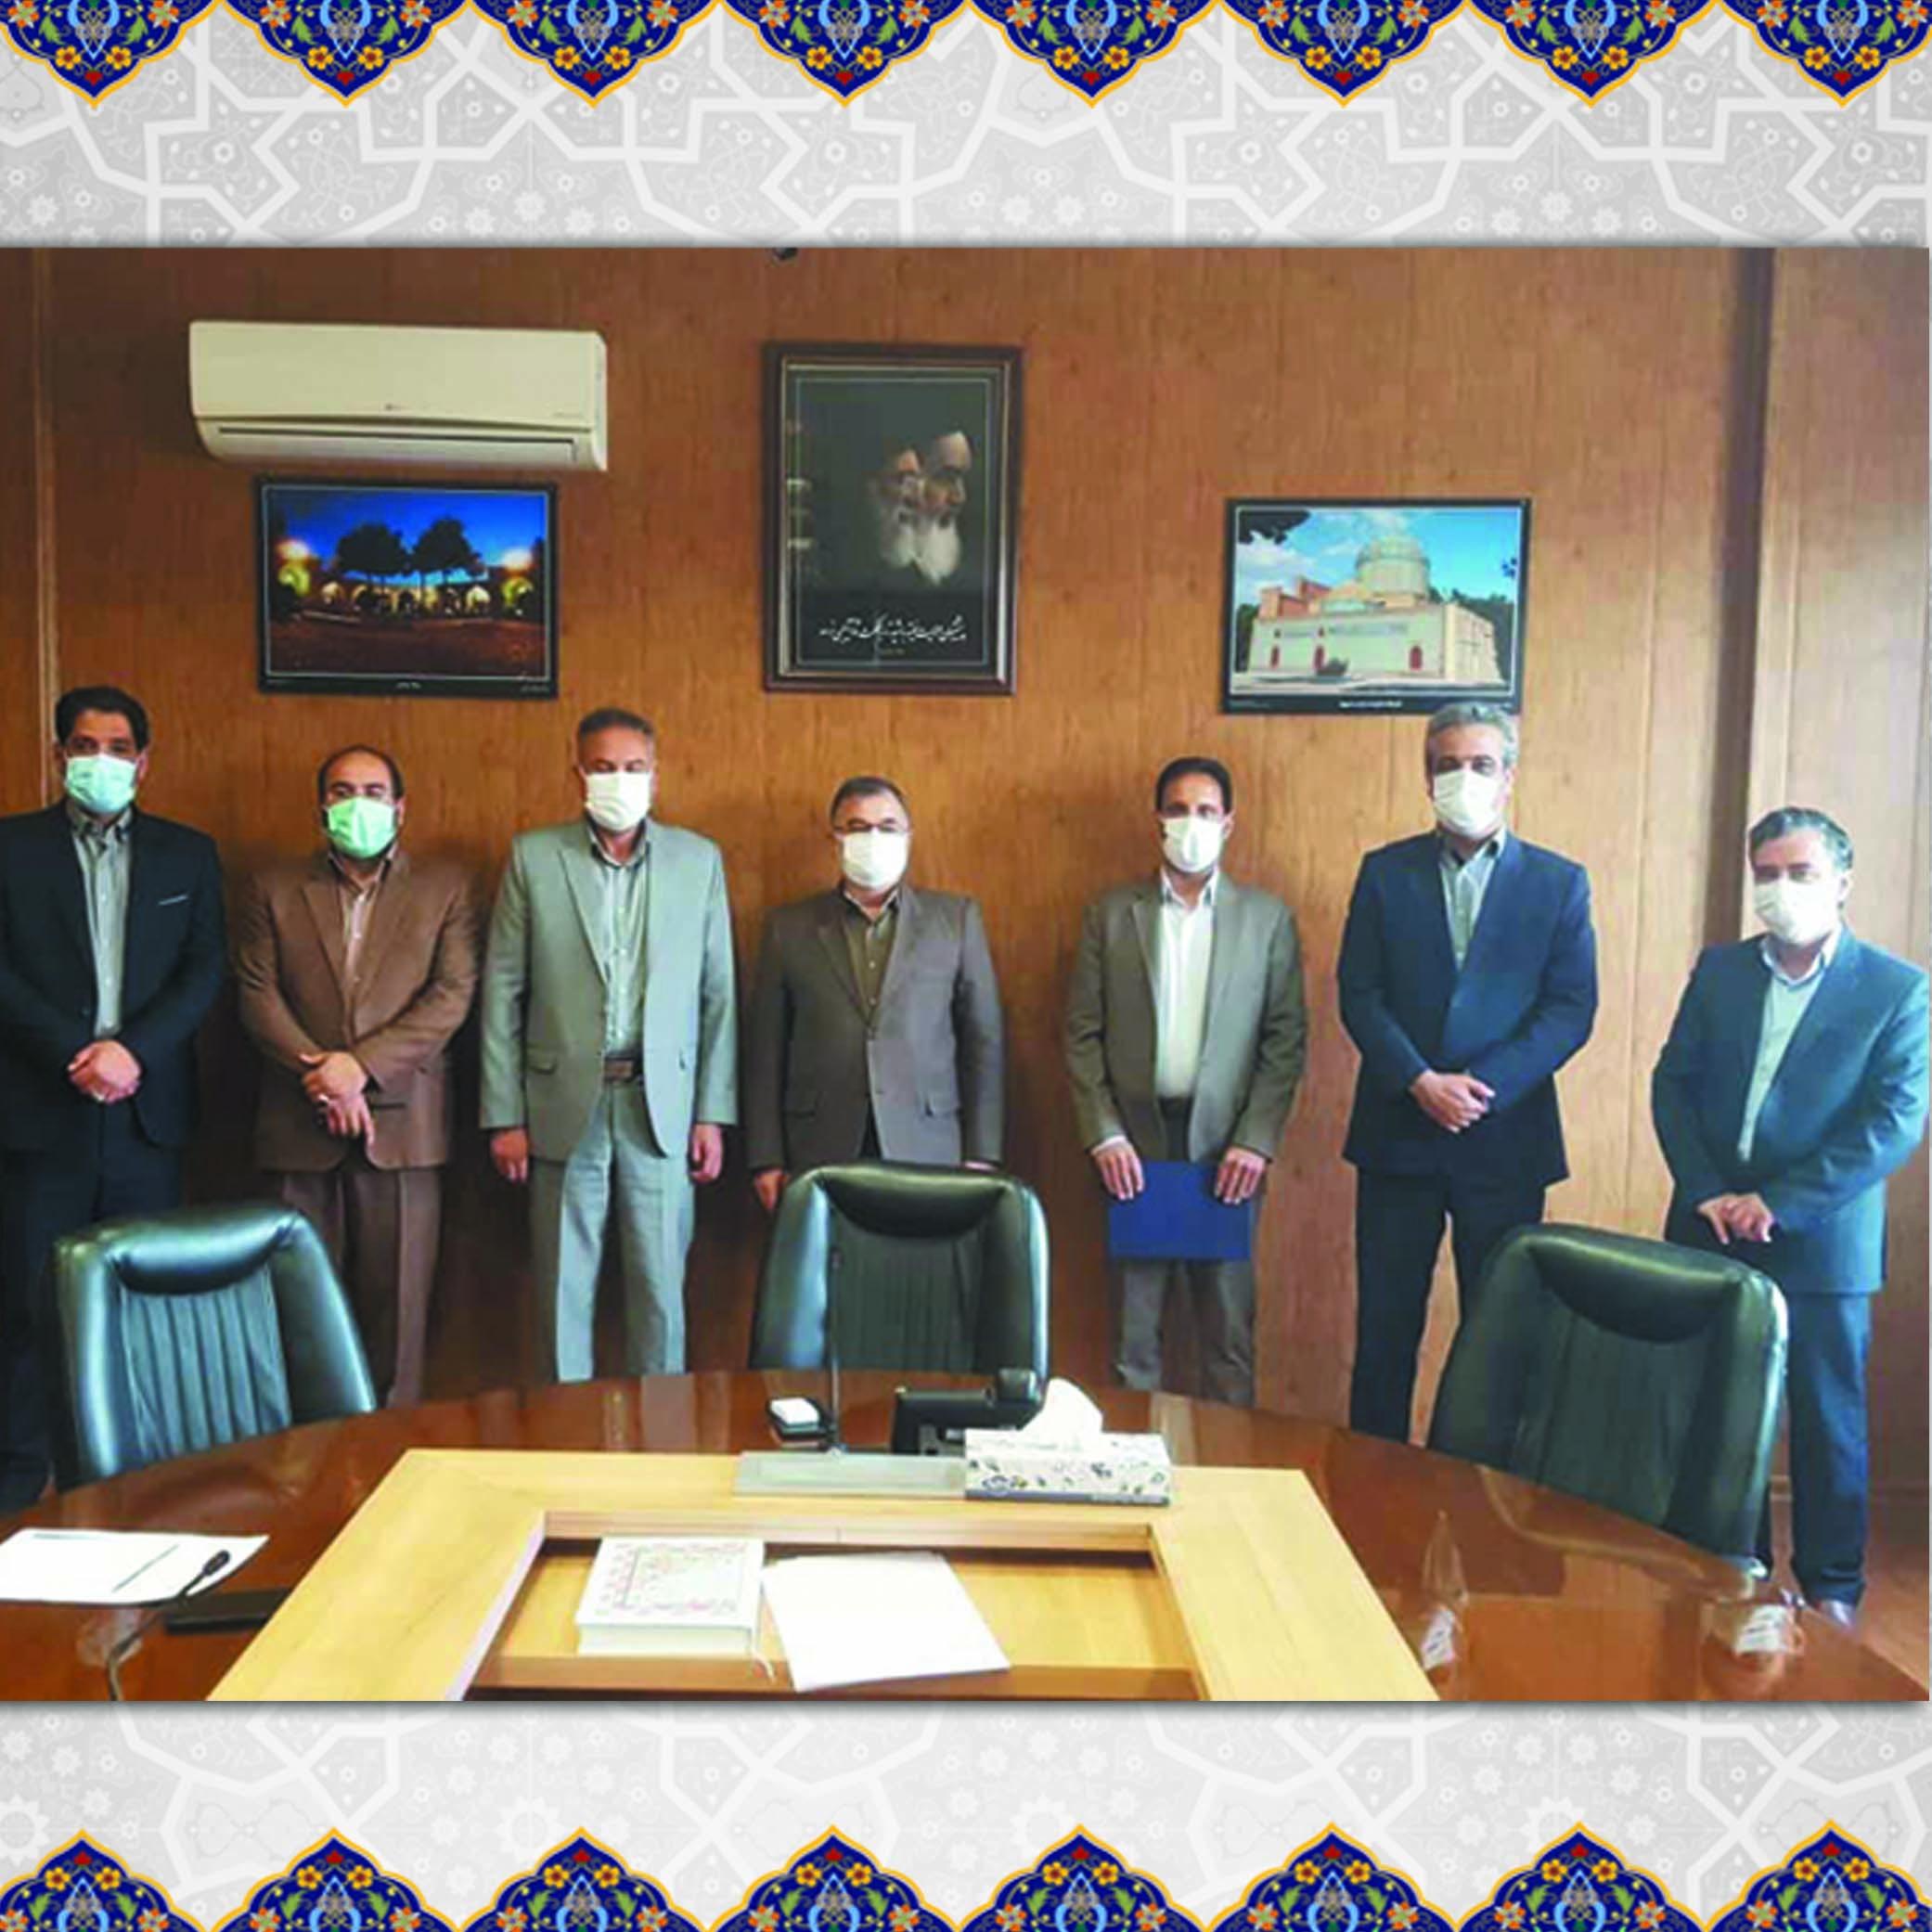 انتصاب جدید در شهرداری نیشابور